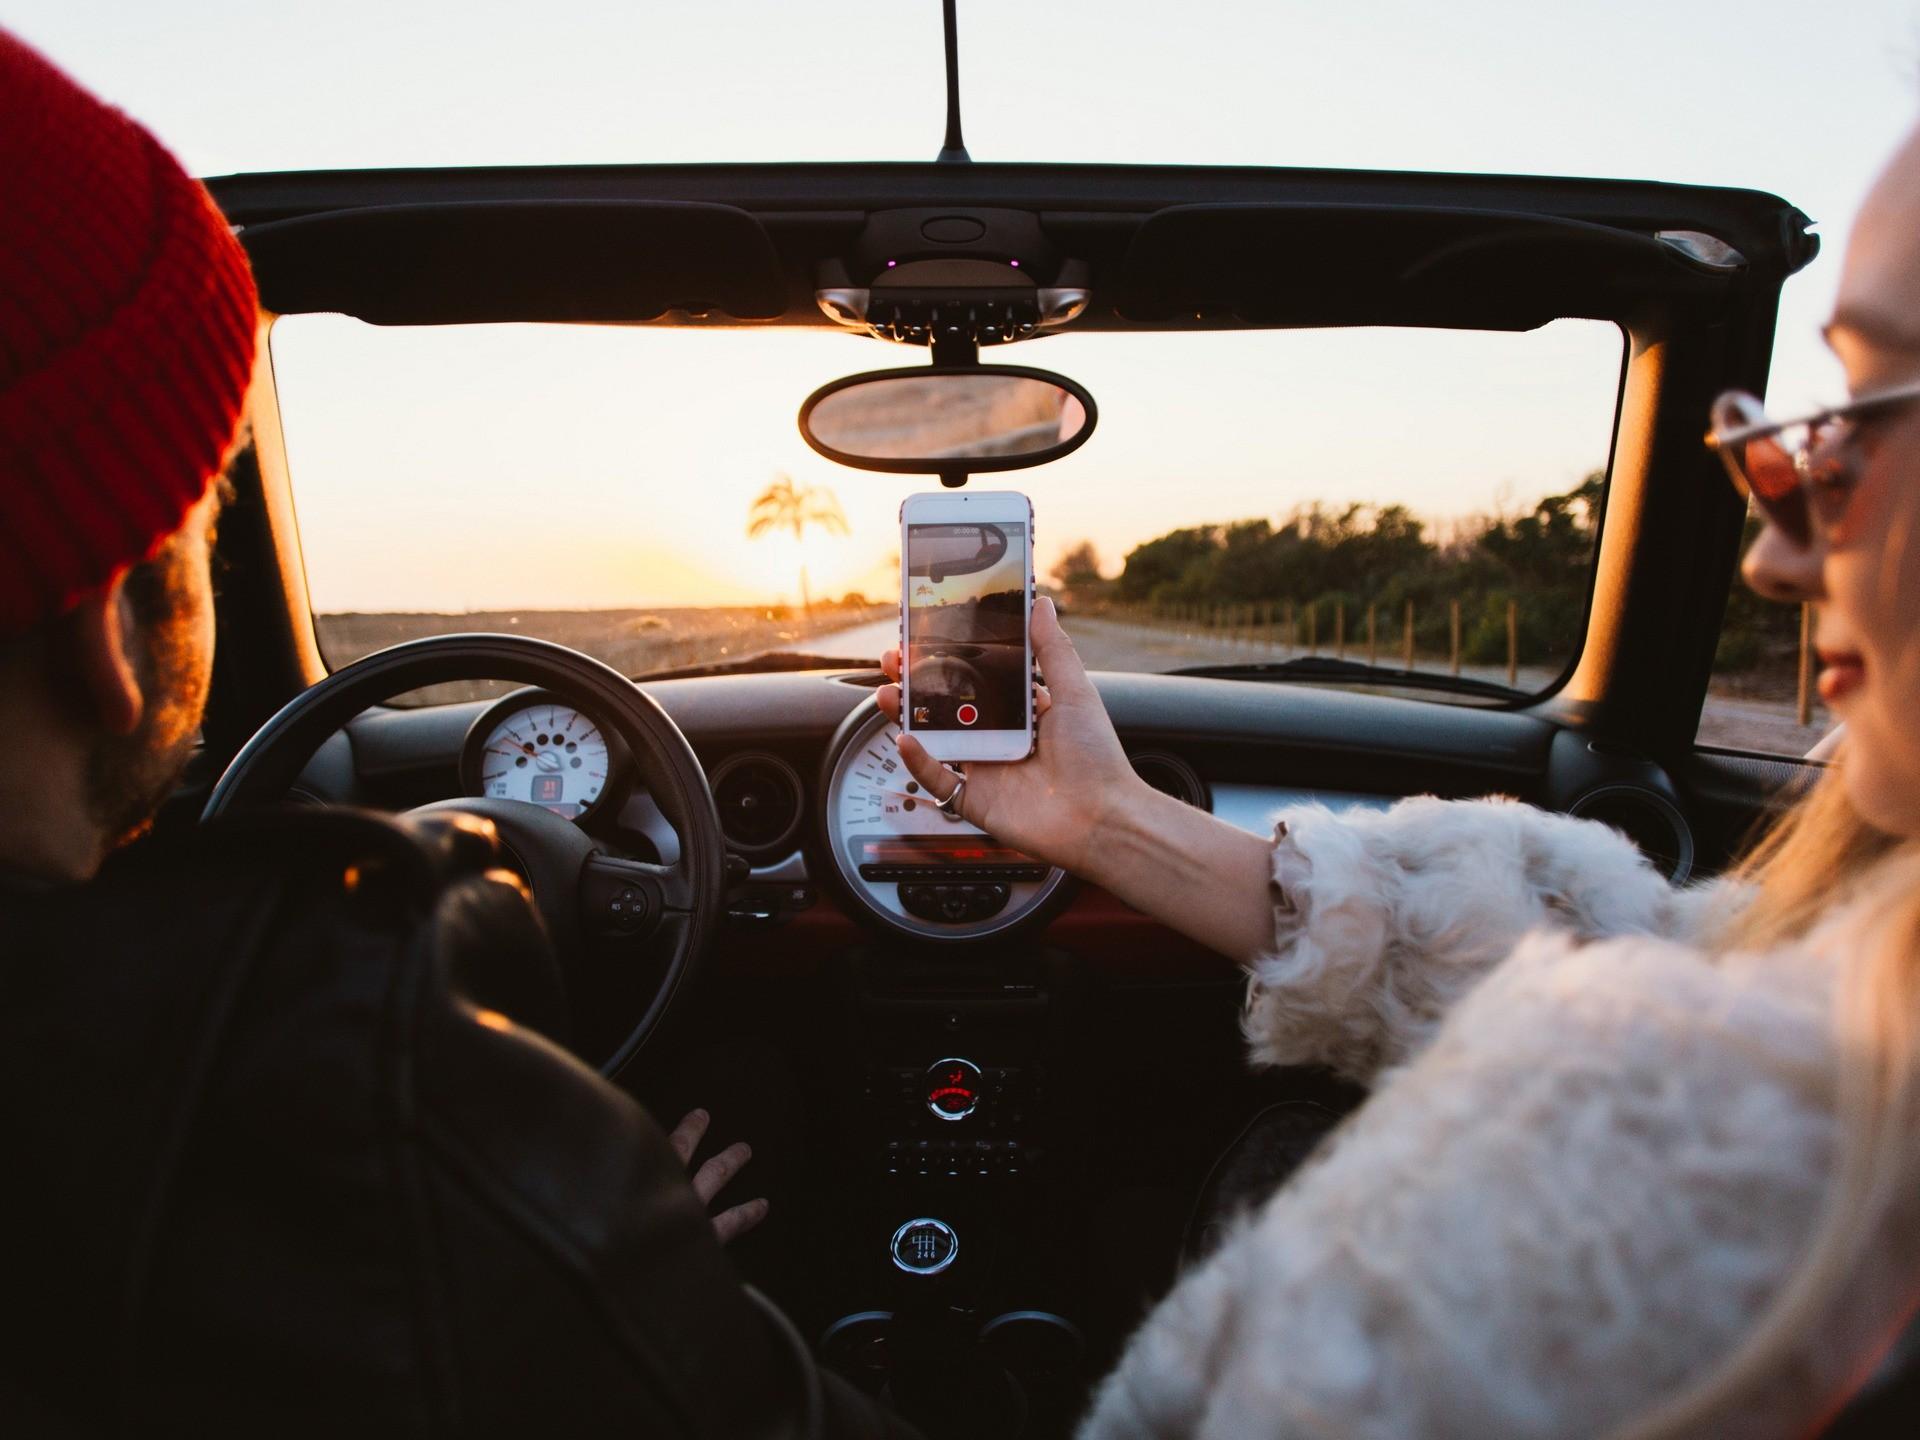 ТОП-5 советов по использованию недорогого смартфона в машине